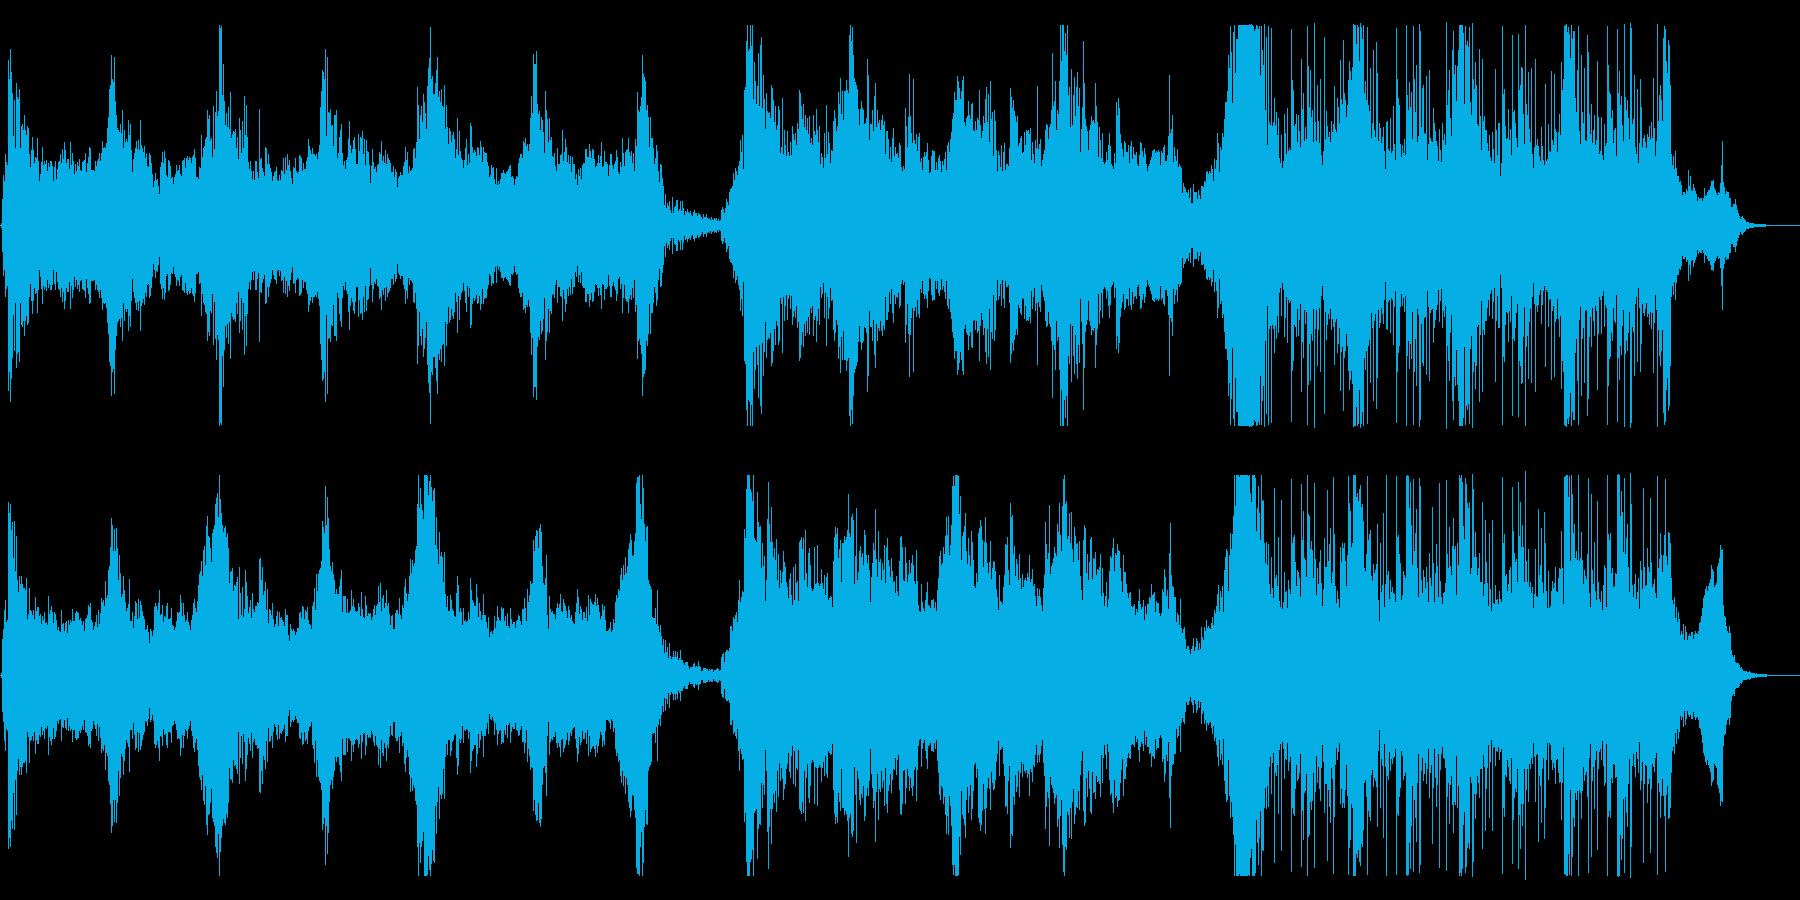 神秘的で重厚感と疾走感がある曲の再生済みの波形